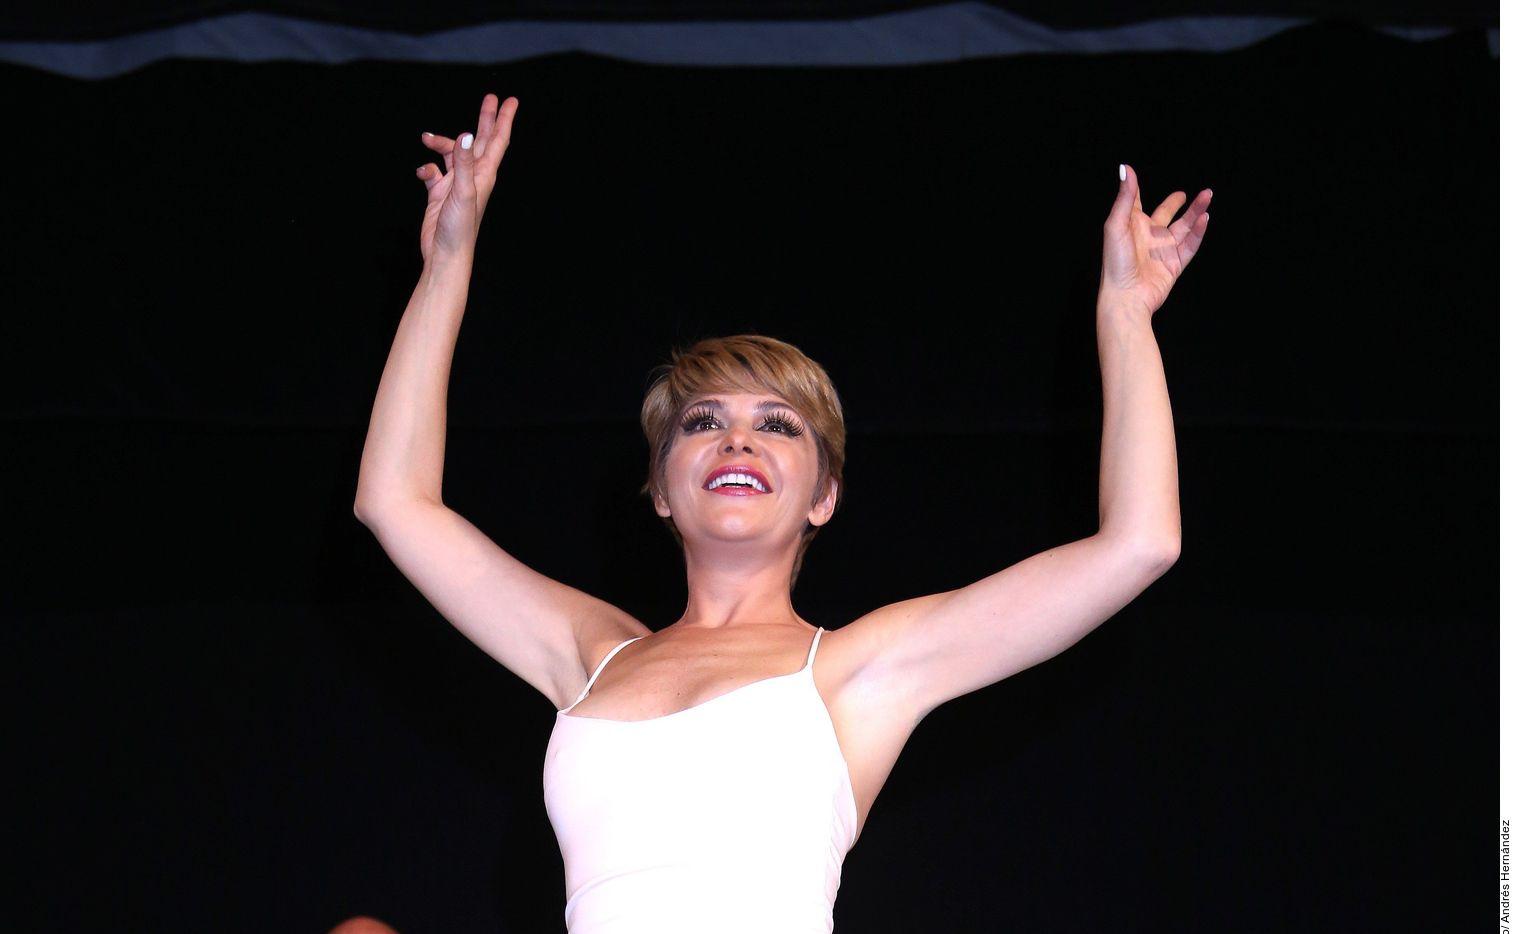 Usuarios de redes sociales recordaron la interpretación de Itatí Cantoral en su canto a la Virgen de Guadalupe en 2016